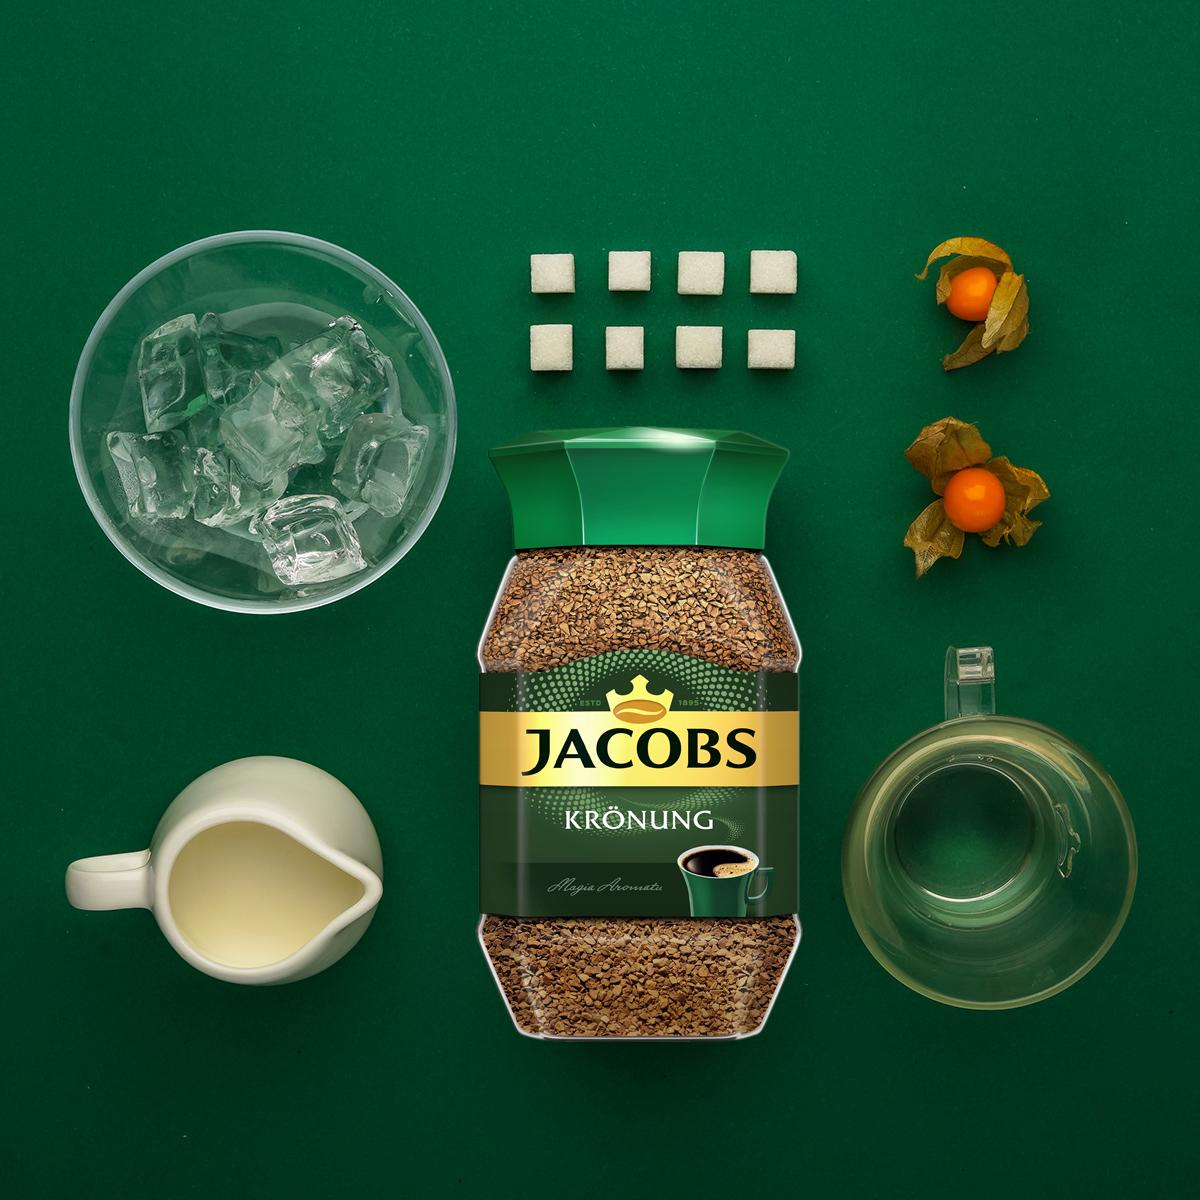 قهوه فوری جاکوبز کرونانگ 200 گرم main 1 5